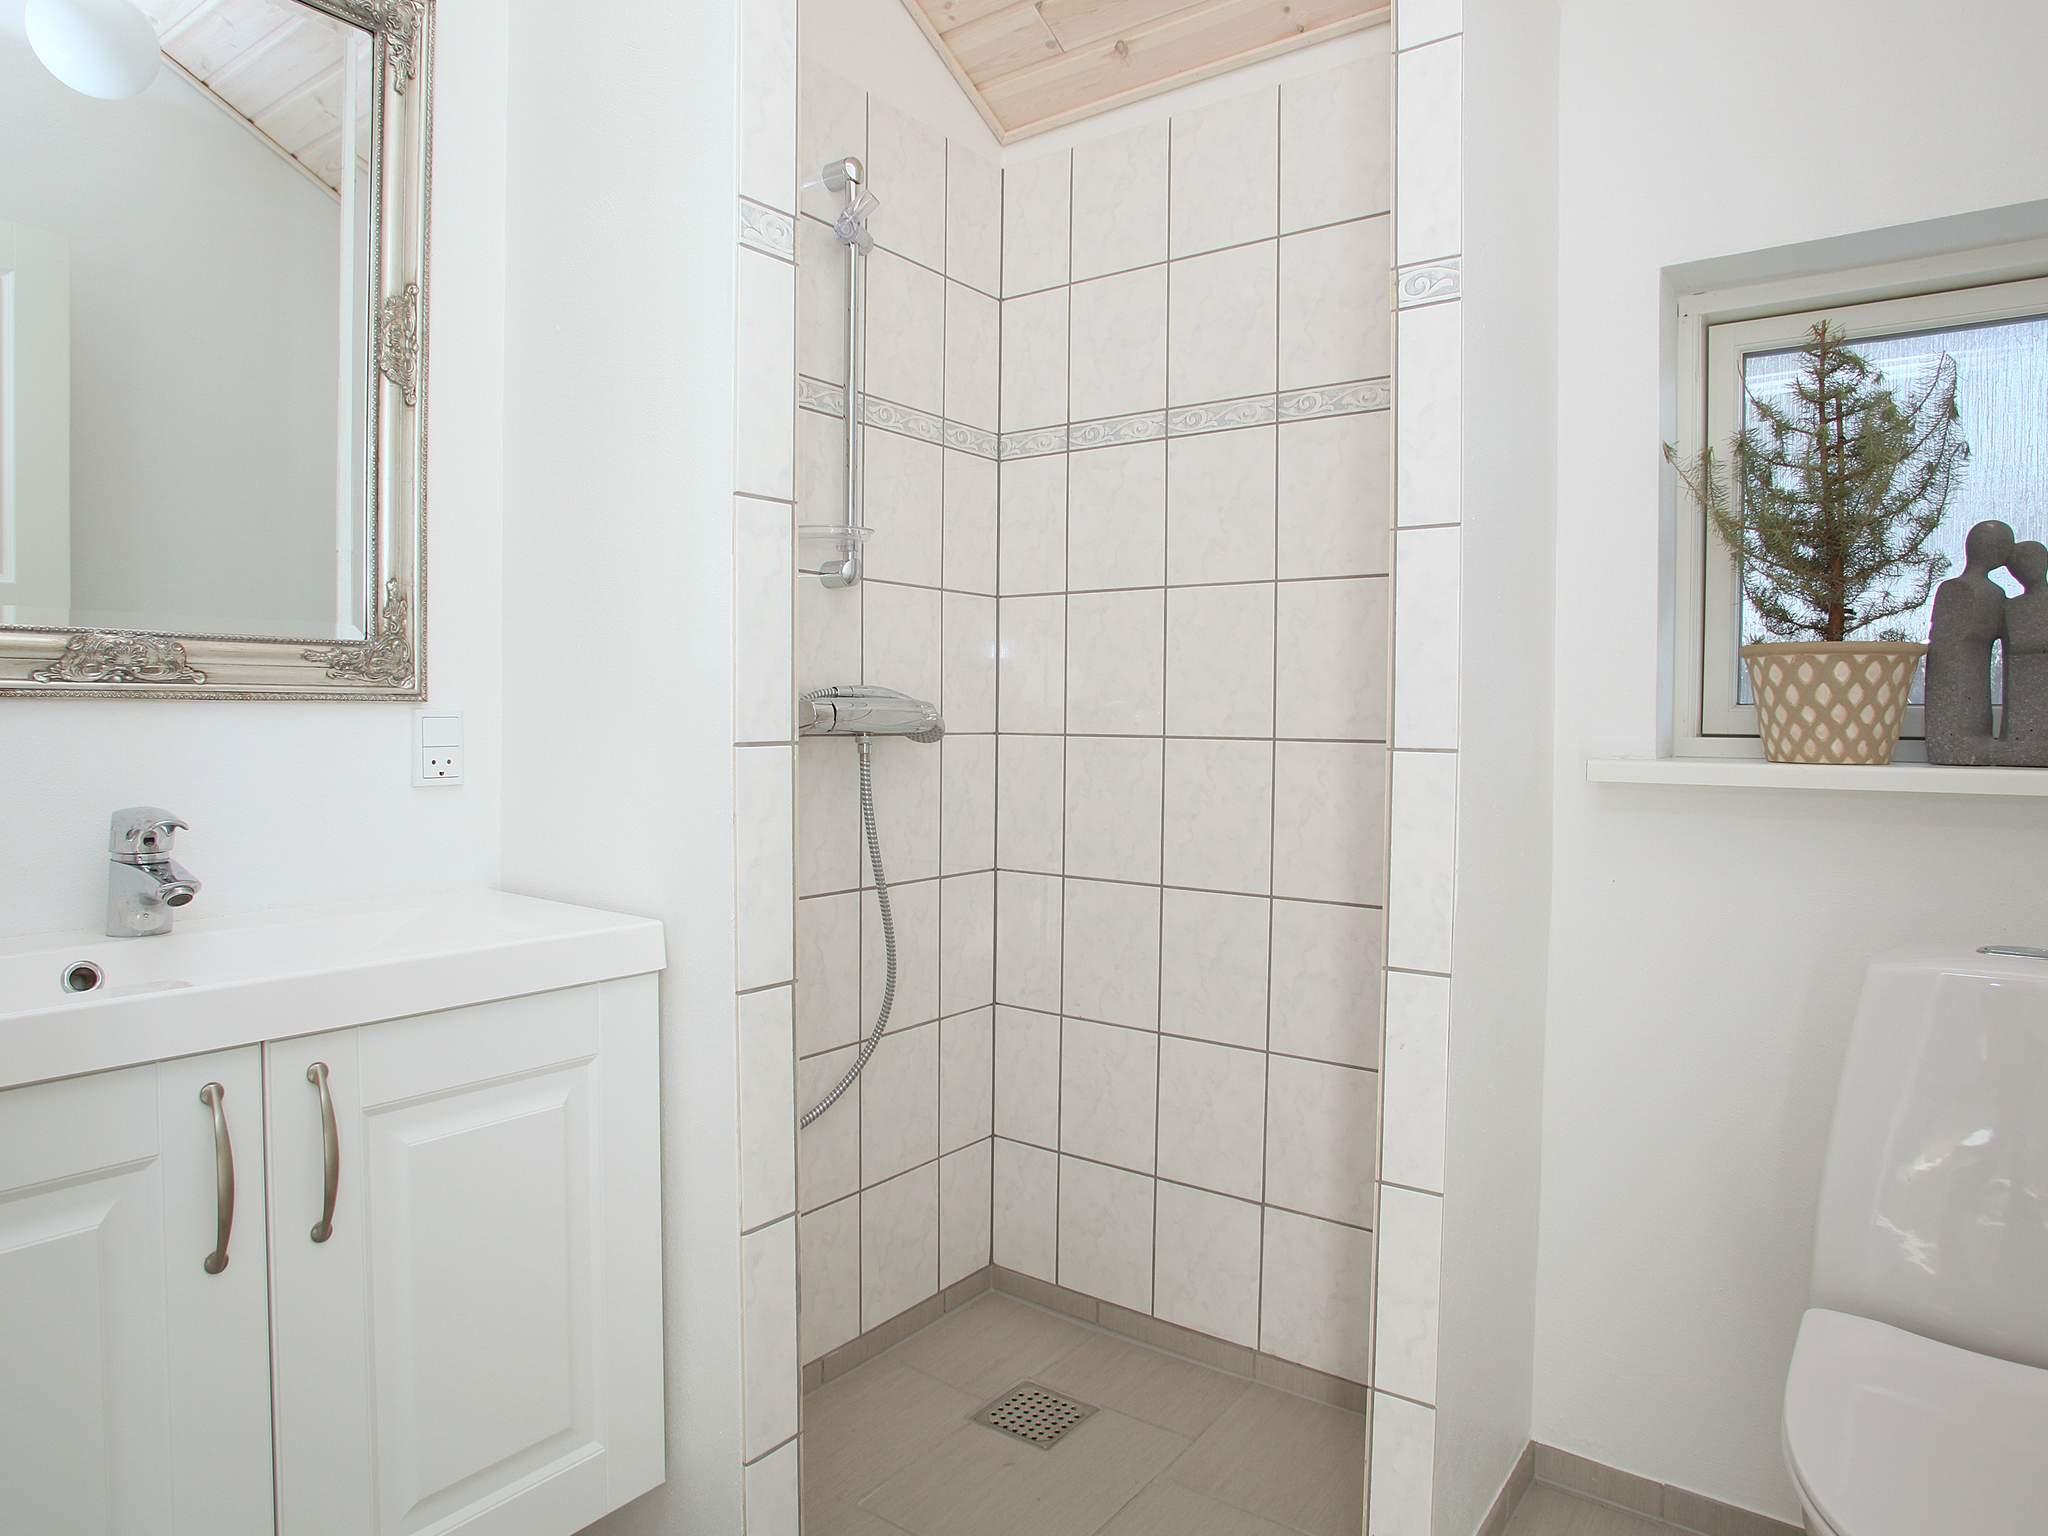 Ferienhaus Ebeltoft (494749), Ebeltoft, , Ostjütland, Dänemark, Bild 10